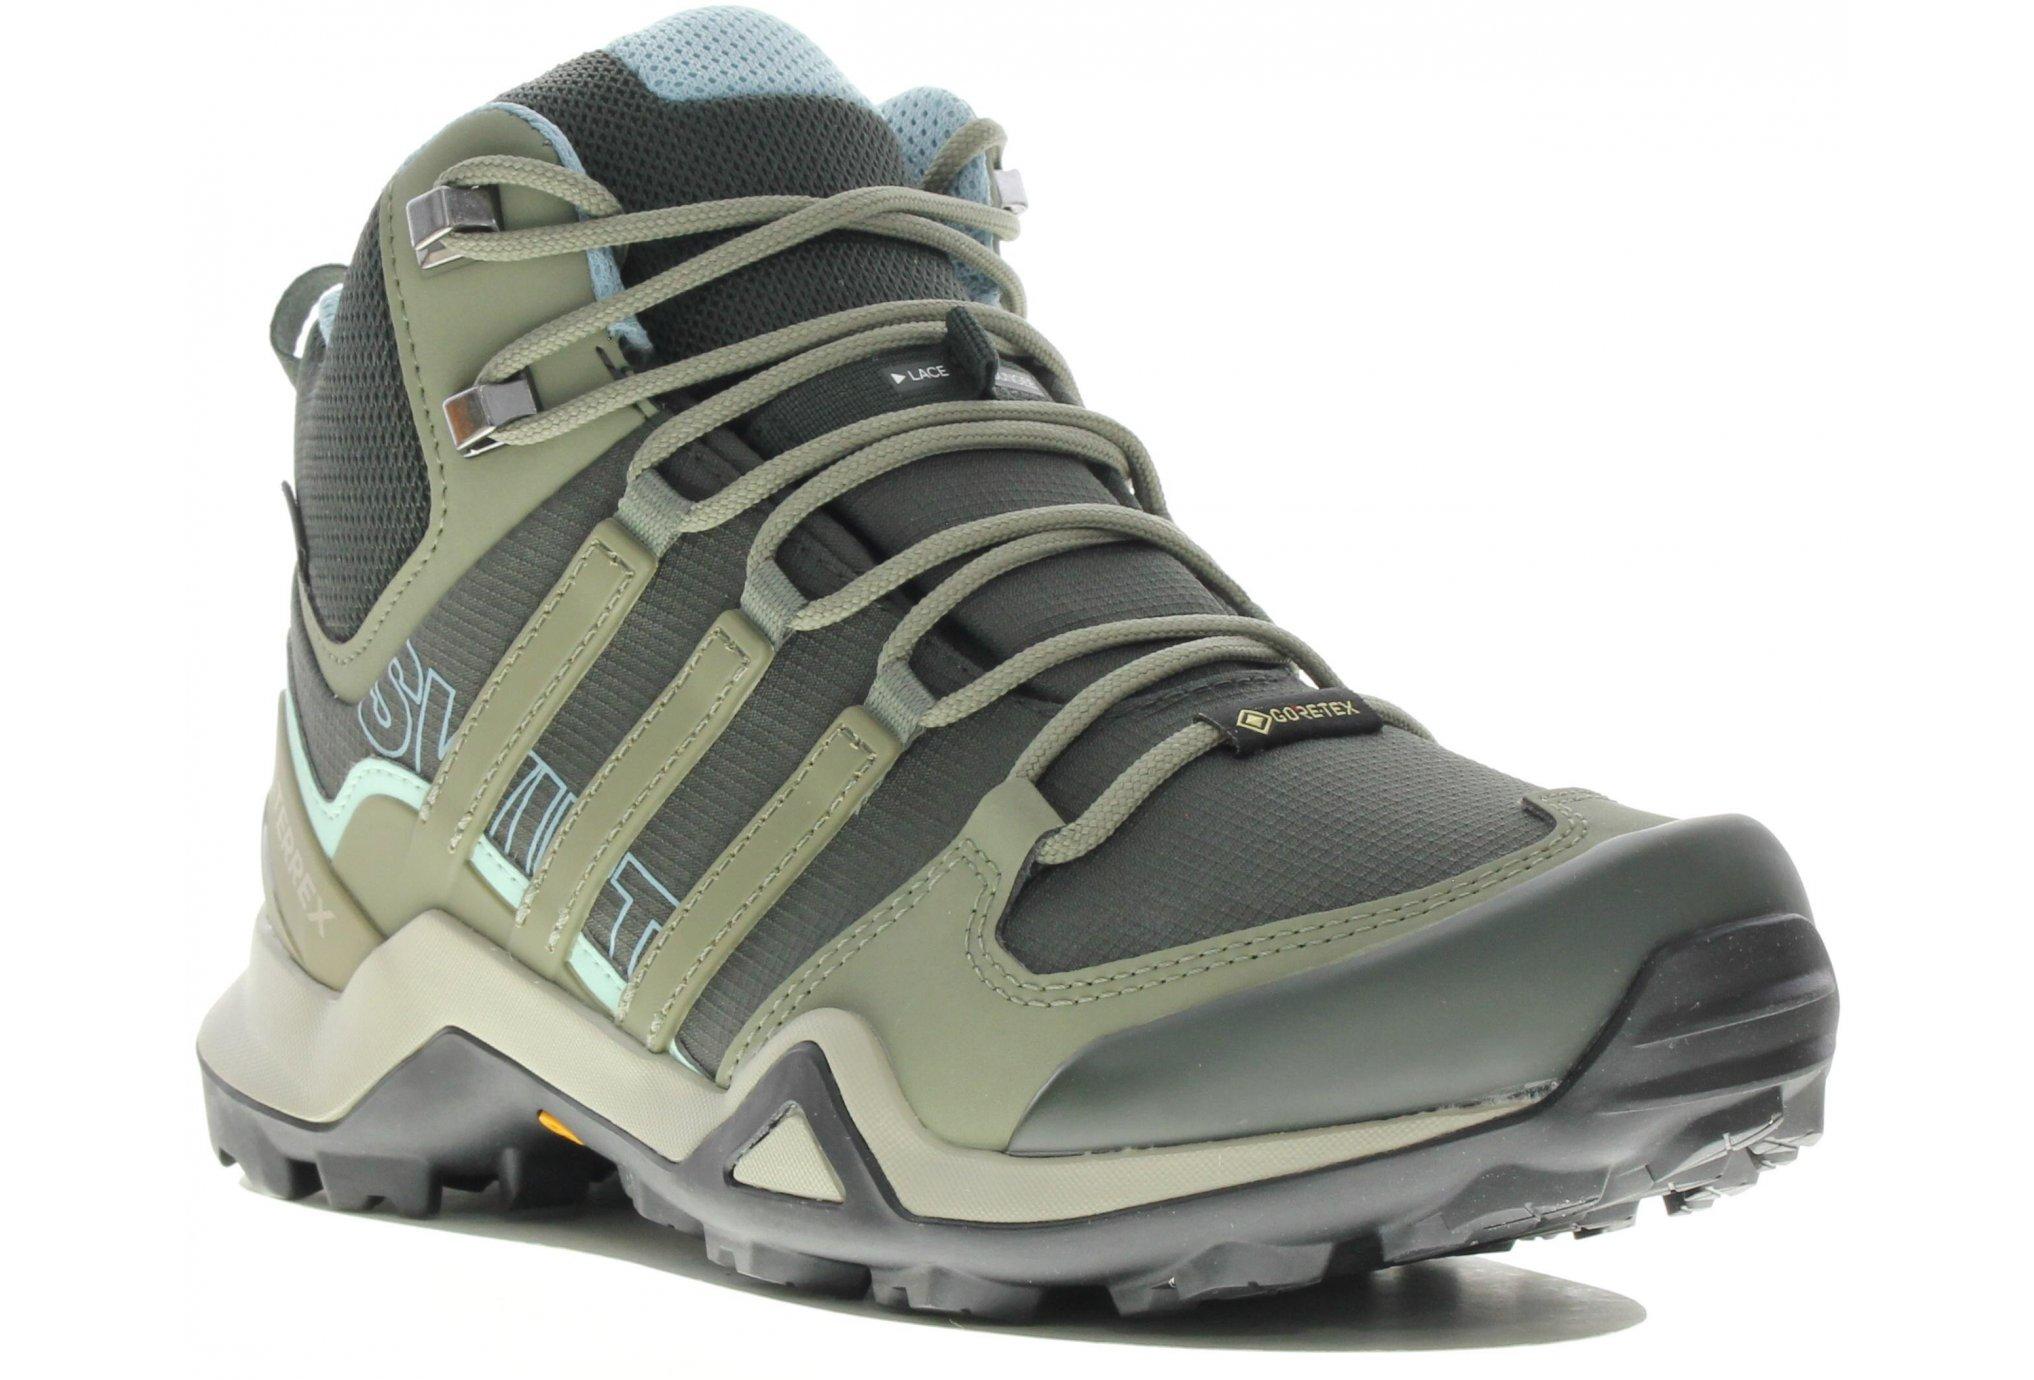 adidas Terrex Swift R2 Mid Gore-Tex W Chaussures running femme